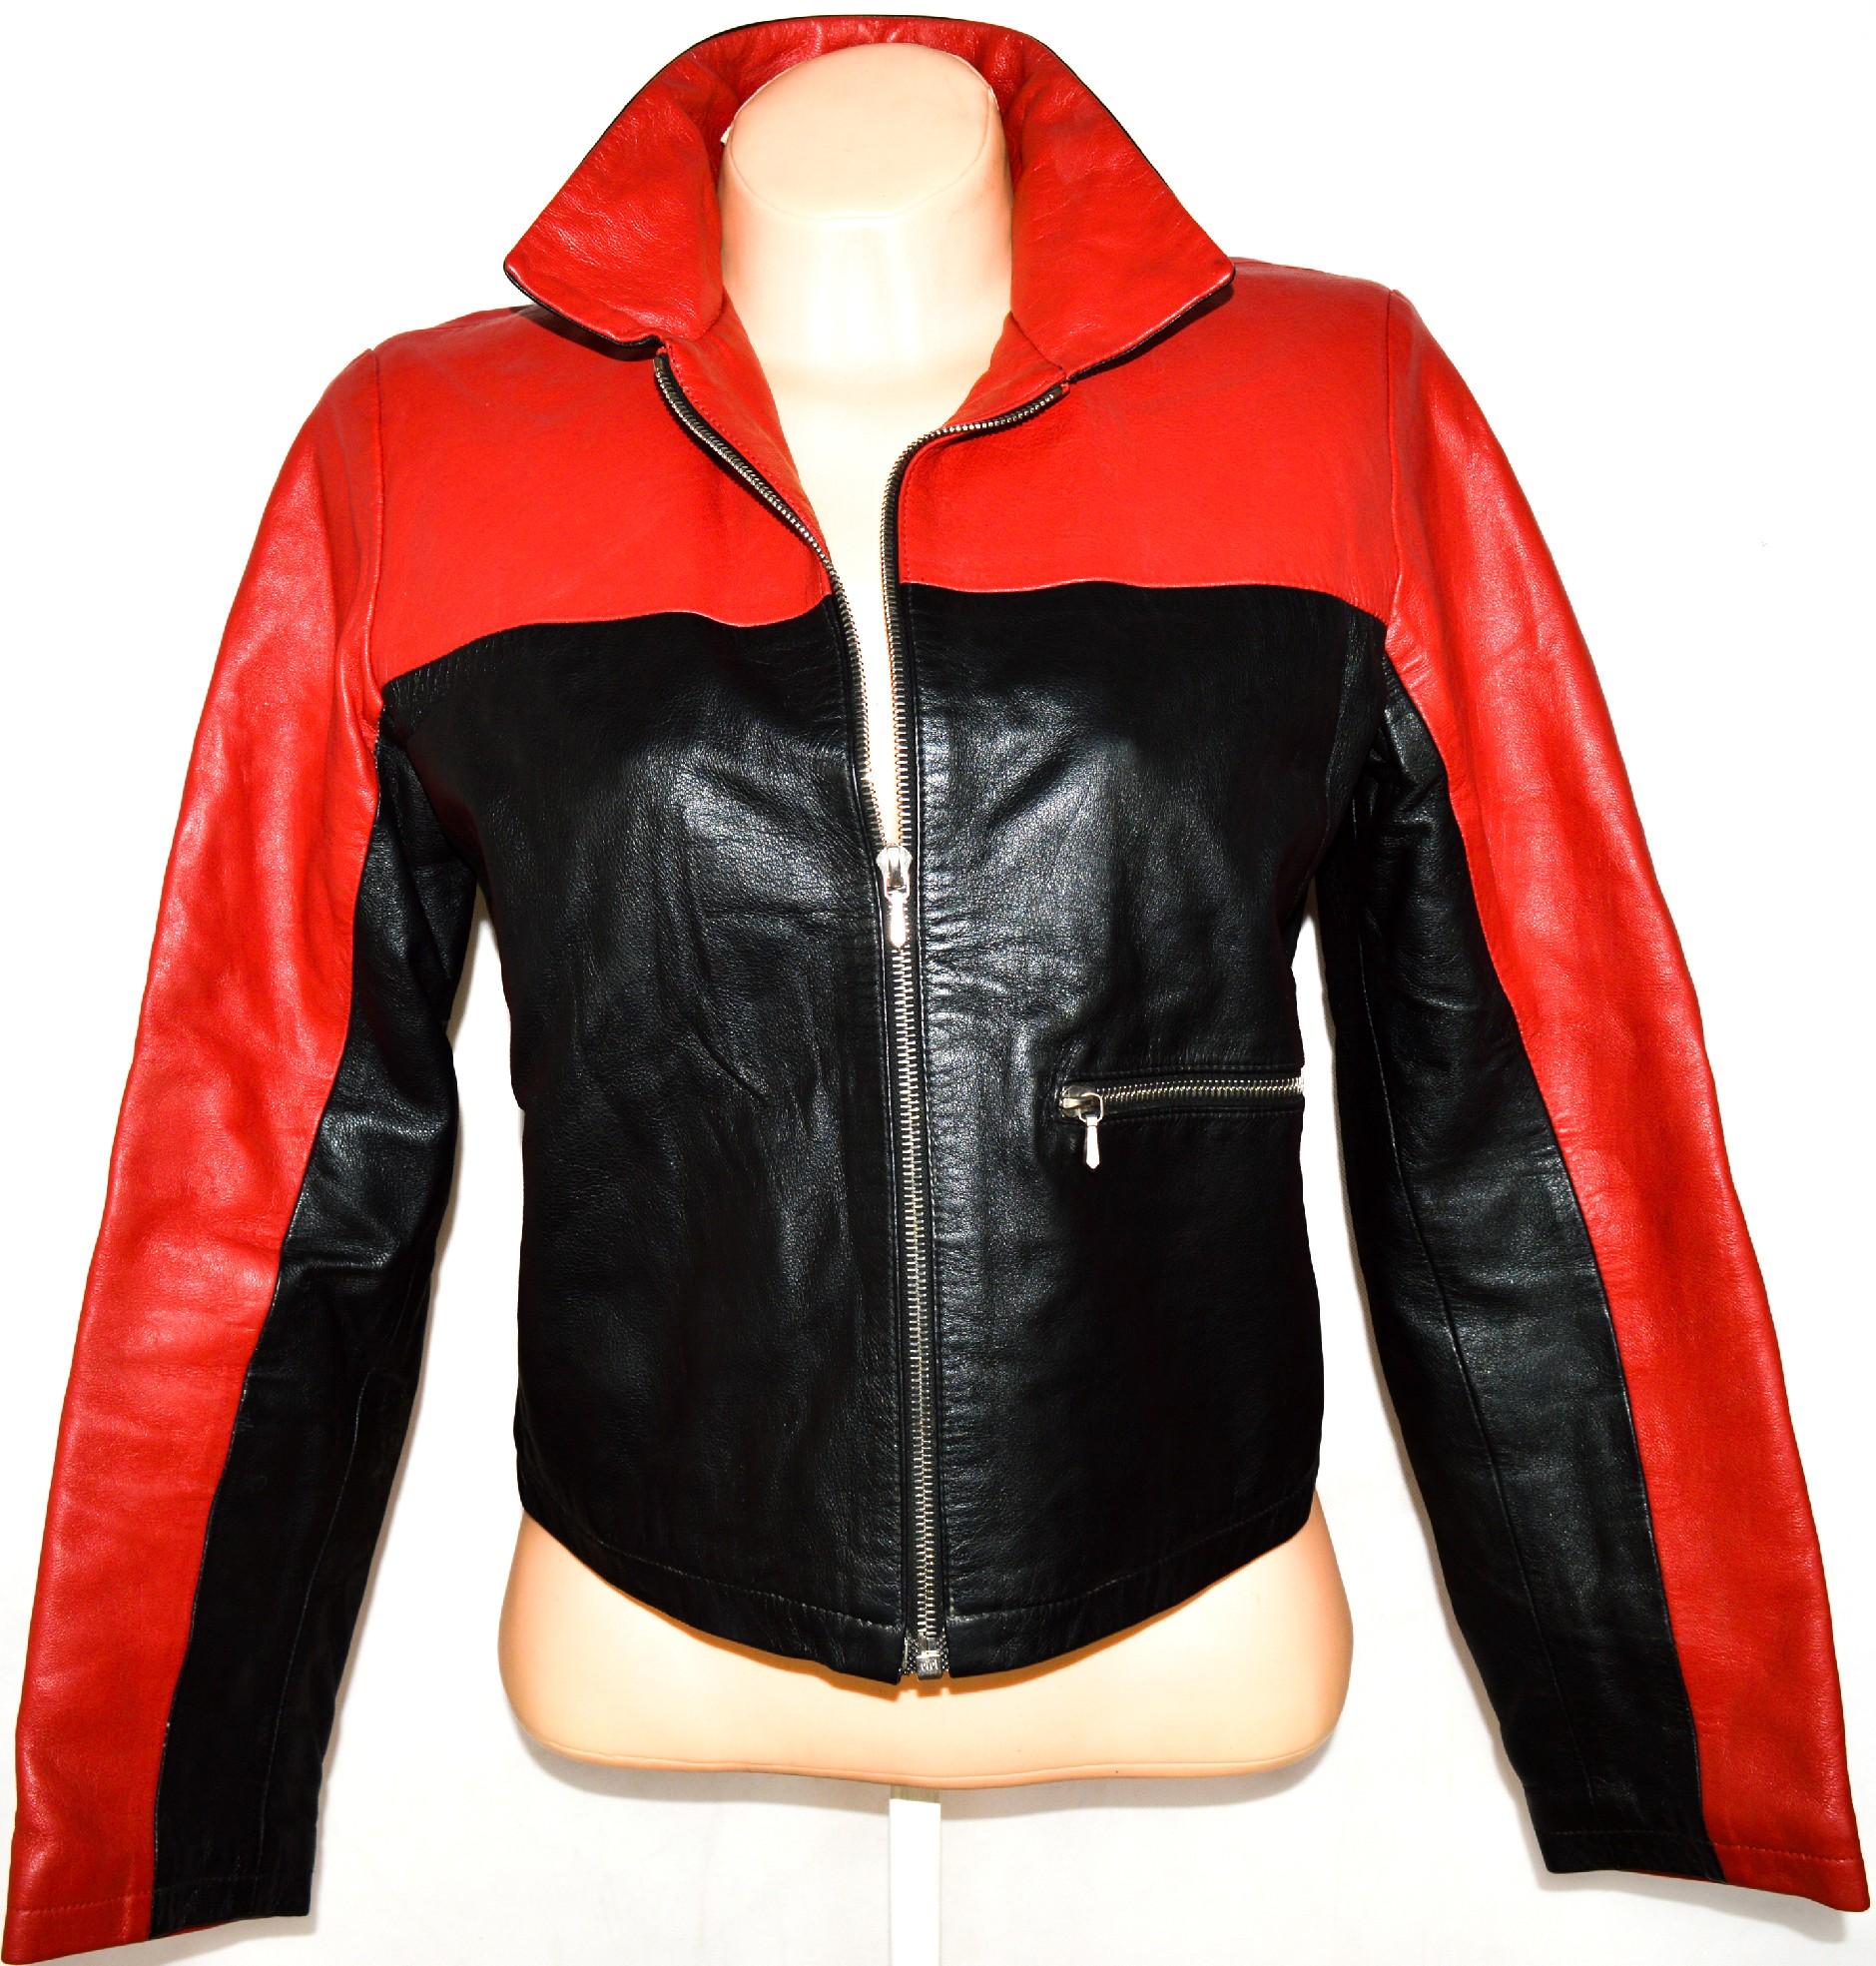 KOŽENÁ dámská černo-červená měkká bunda na zip L